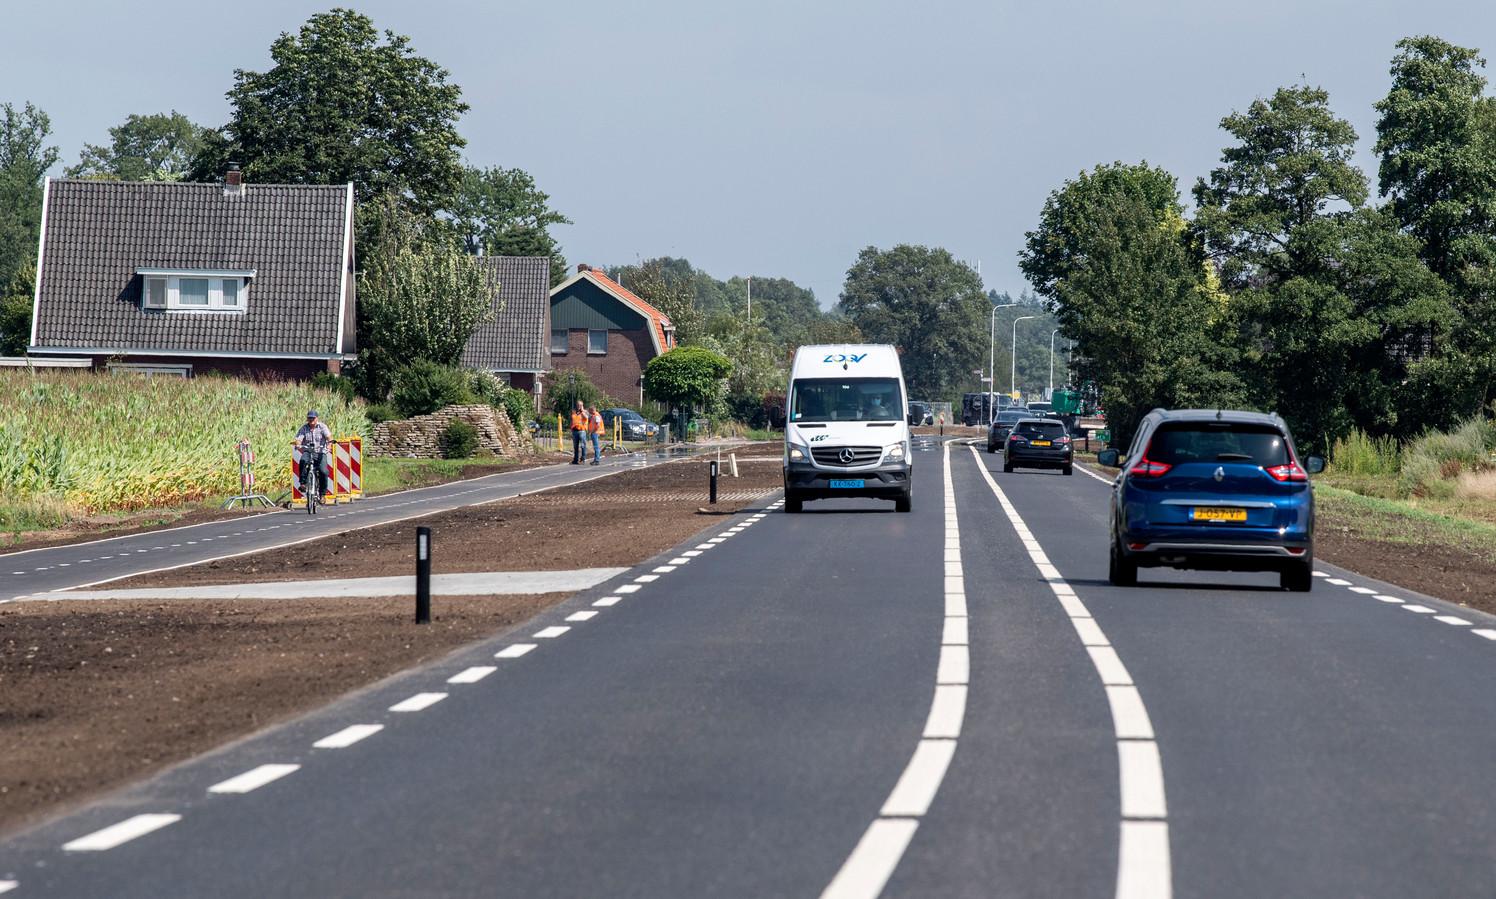 TT-2021-10746 - RIETMOLEN - De N315 tussen Neede en de nieuwe N18 is een half jaar dicht geweest. Er is een rotonde aangelegd en de weg is verbreed. Vandag is ie voor het eerst weer open Fotobon-nummer: TT-2021-10746 EDITIE: AC FOTO: Frans Nikkels FN20210729